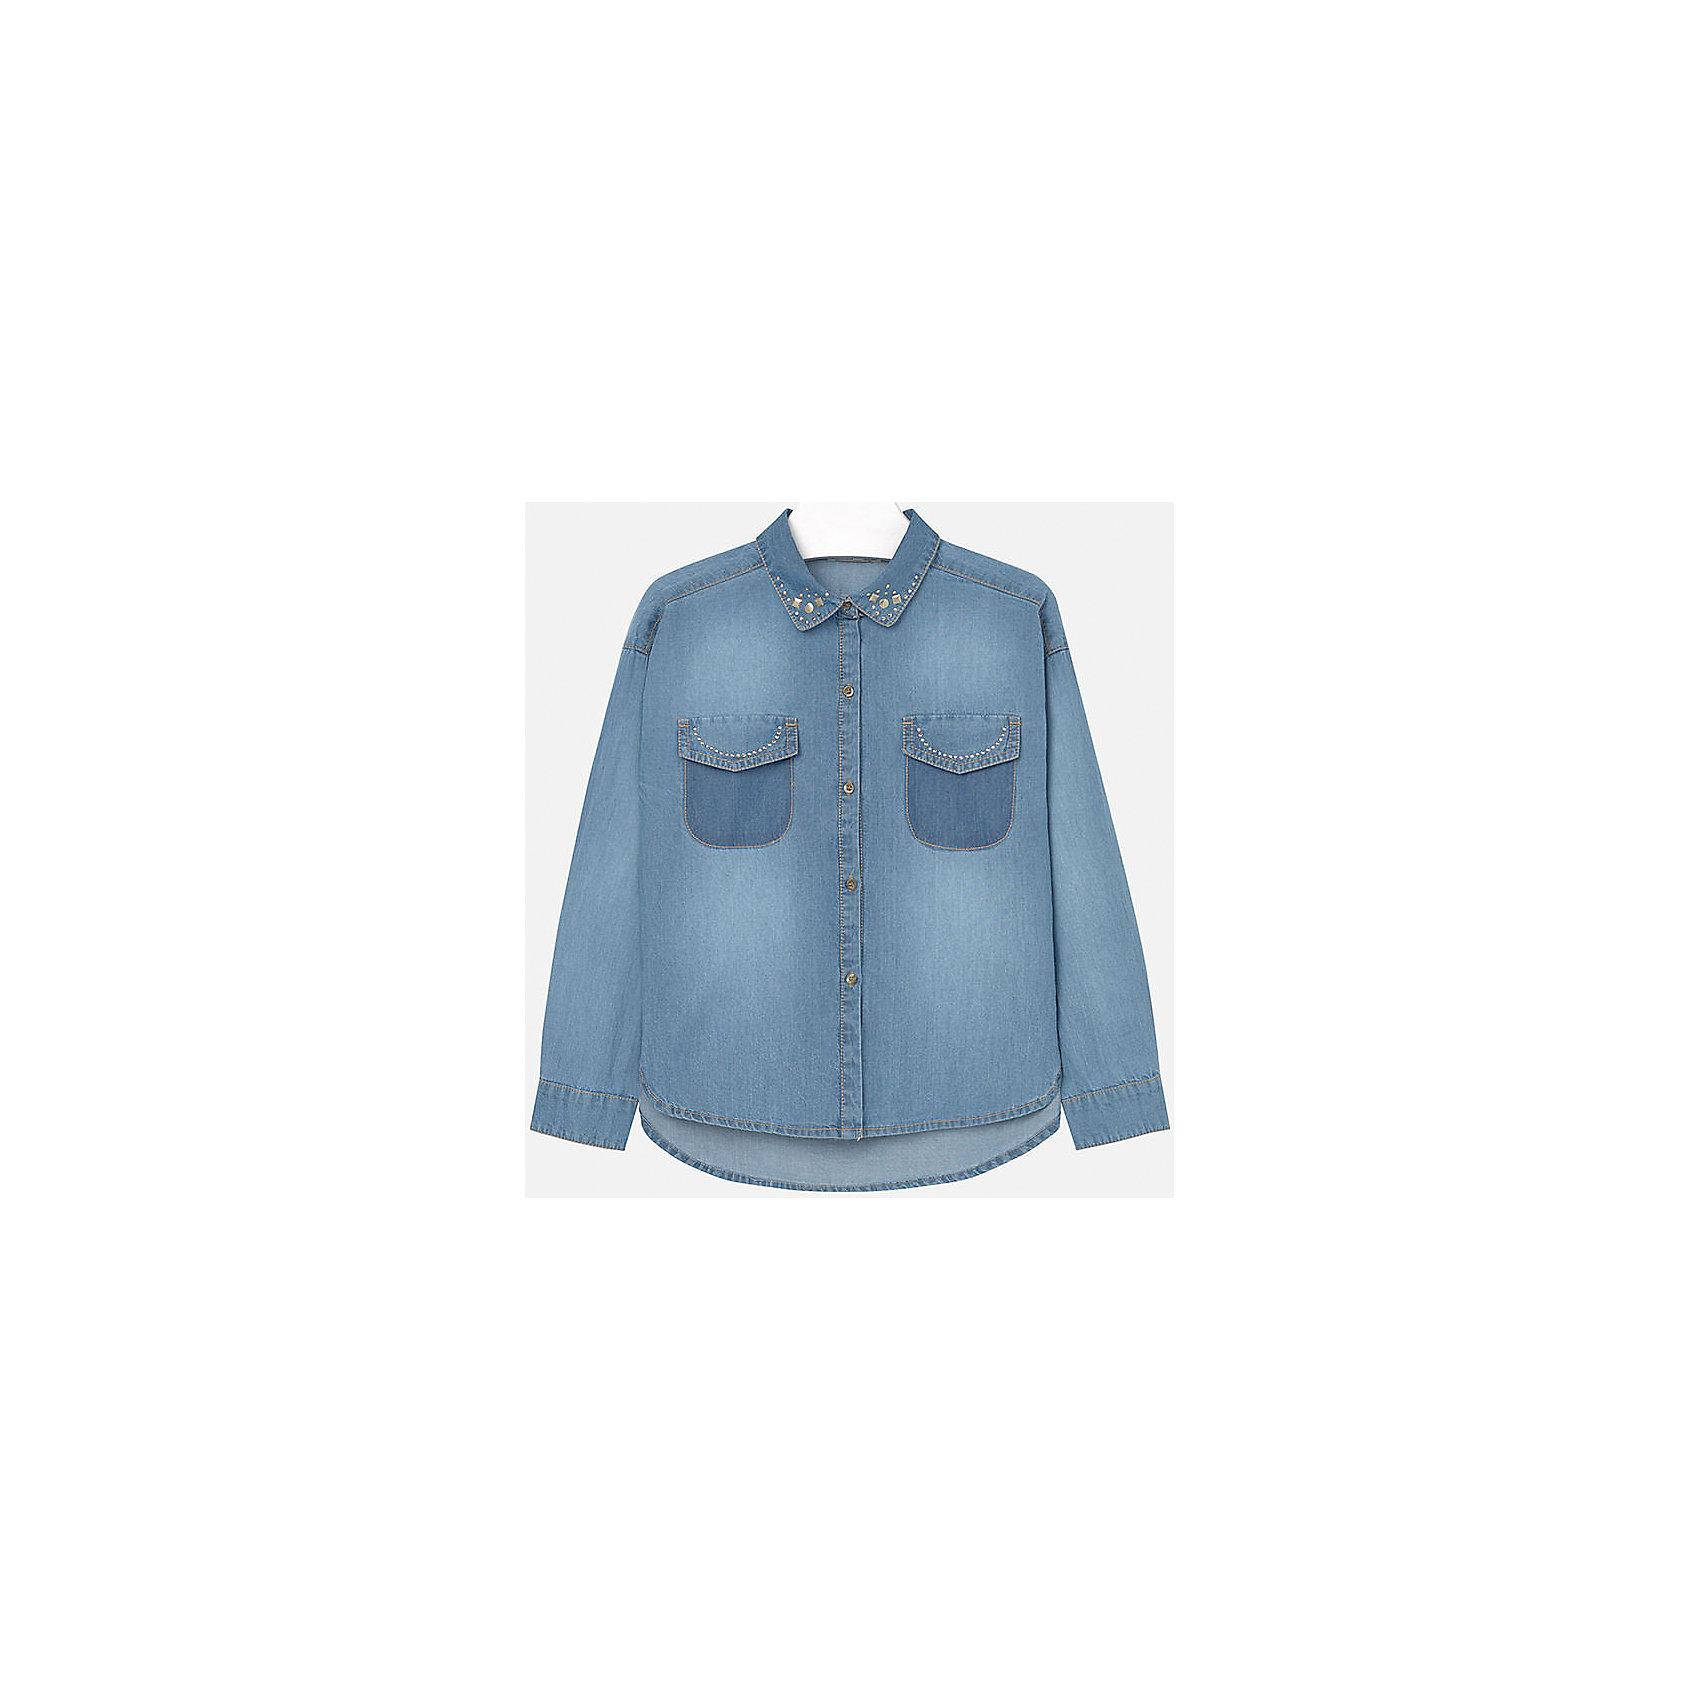 Блузка для девочки MayoralДжинсовая блузка для девочки от известного испанского бренда Mayoral(Майорал). Модель с длинным рукавом имеет 2 кармана на груди, застегивается на пуговицы и украшена стразами. Отлично дополнит гардероб ребенка.<br>Дополнительная информация:<br>-длинные рукава<br>-застегивается на пуговицы<br>-украшена стразами<br>-цвет: голубой<br>-состав: 100% хлопок<br>Блузку Mayoral(Майорал) можно купить в нашем интернет-магазине.<br><br>Ширина мм: 186<br>Глубина мм: 87<br>Высота мм: 198<br>Вес г: 197<br>Цвет: голубой<br>Возраст от месяцев: 156<br>Возраст до месяцев: 168<br>Пол: Женский<br>Возраст: Детский<br>Размер: 158/164,146/152,128/134,164/170,134/140,152/158<br>SKU: 4847117